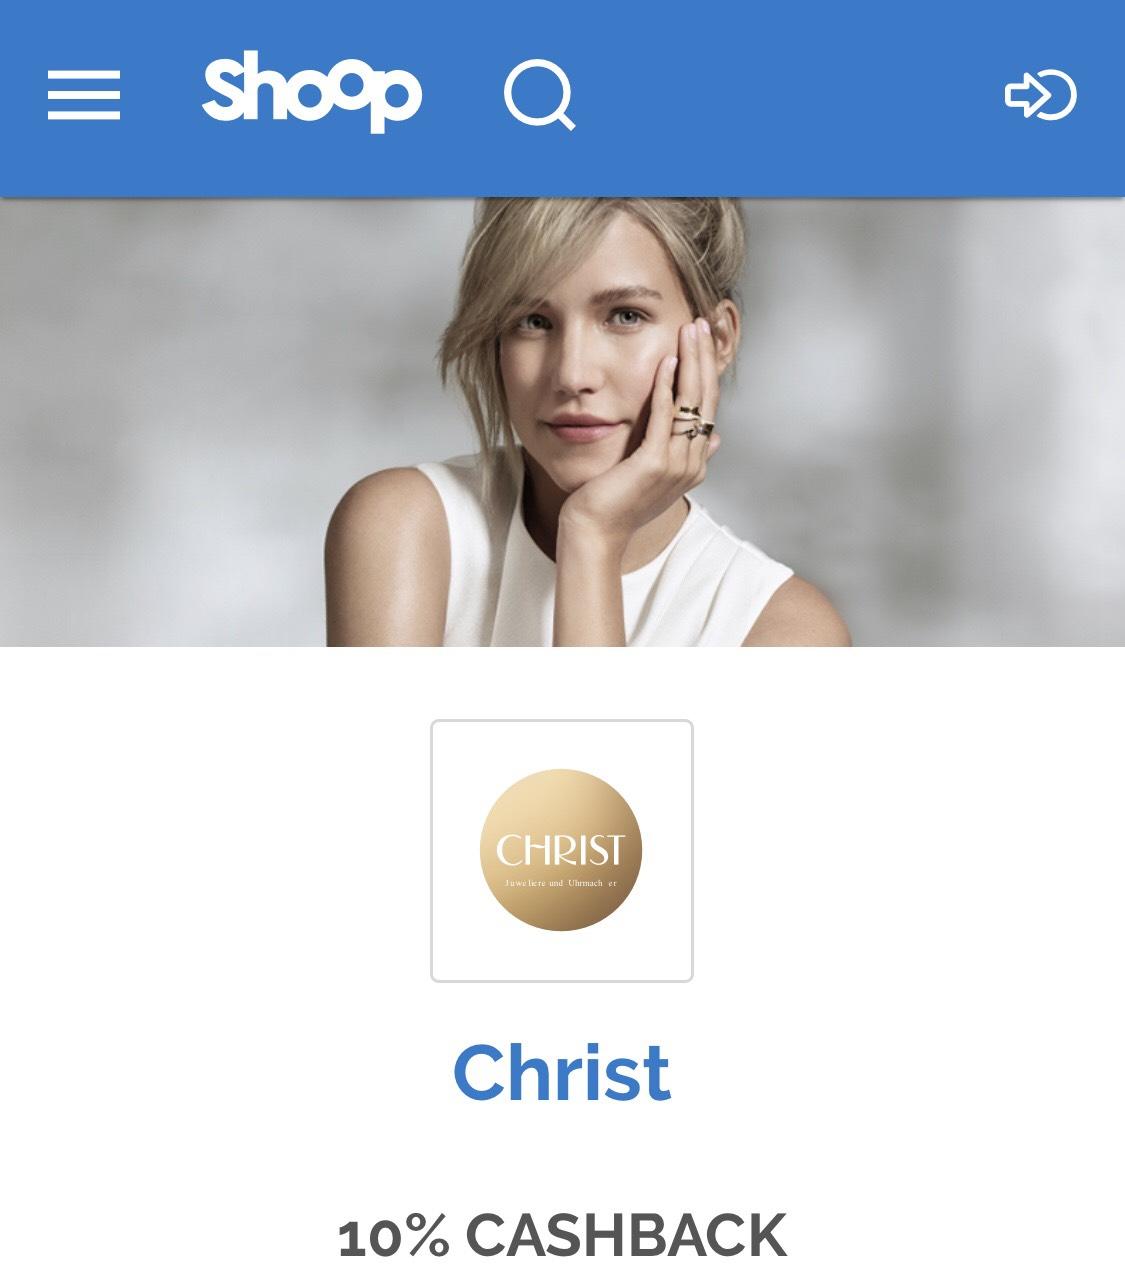 [Online Christ] 10% Cashback über Shoop (+ 10€ Shoop.de Gutschein ab 79€ Mindestbestellwert )